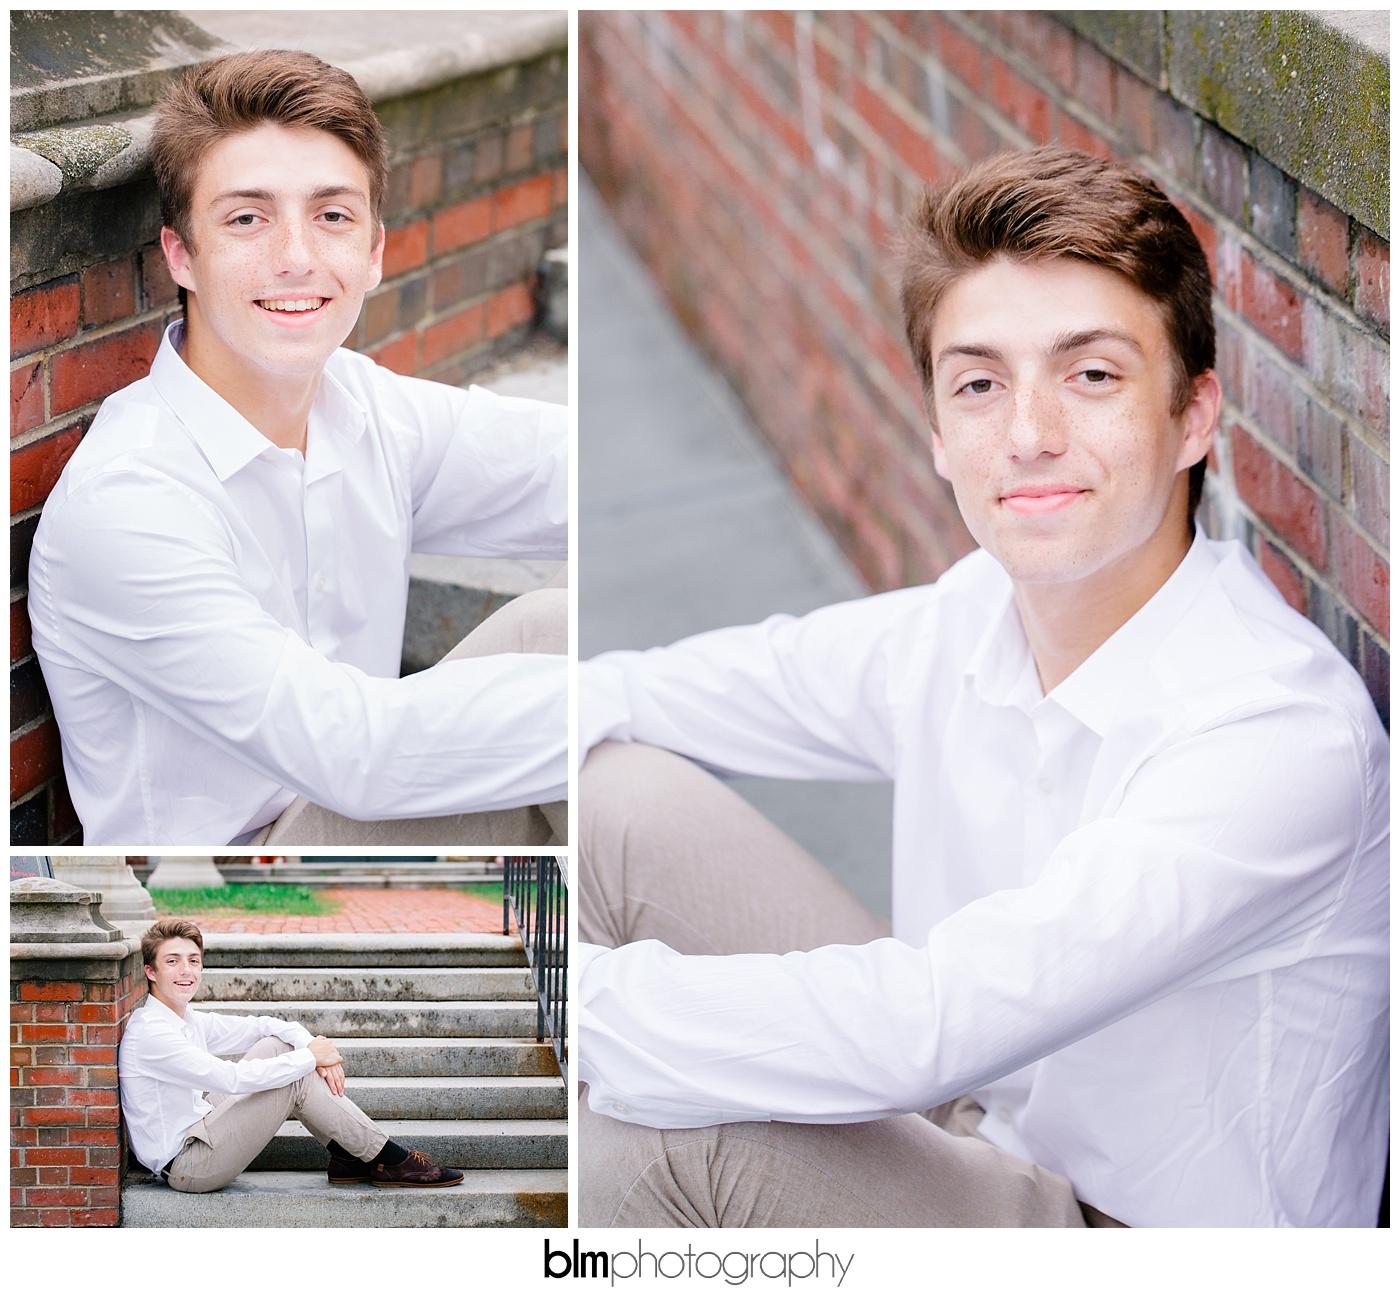 Michael_Zrzavy_Senior-Portraits_091916-6770.jpg